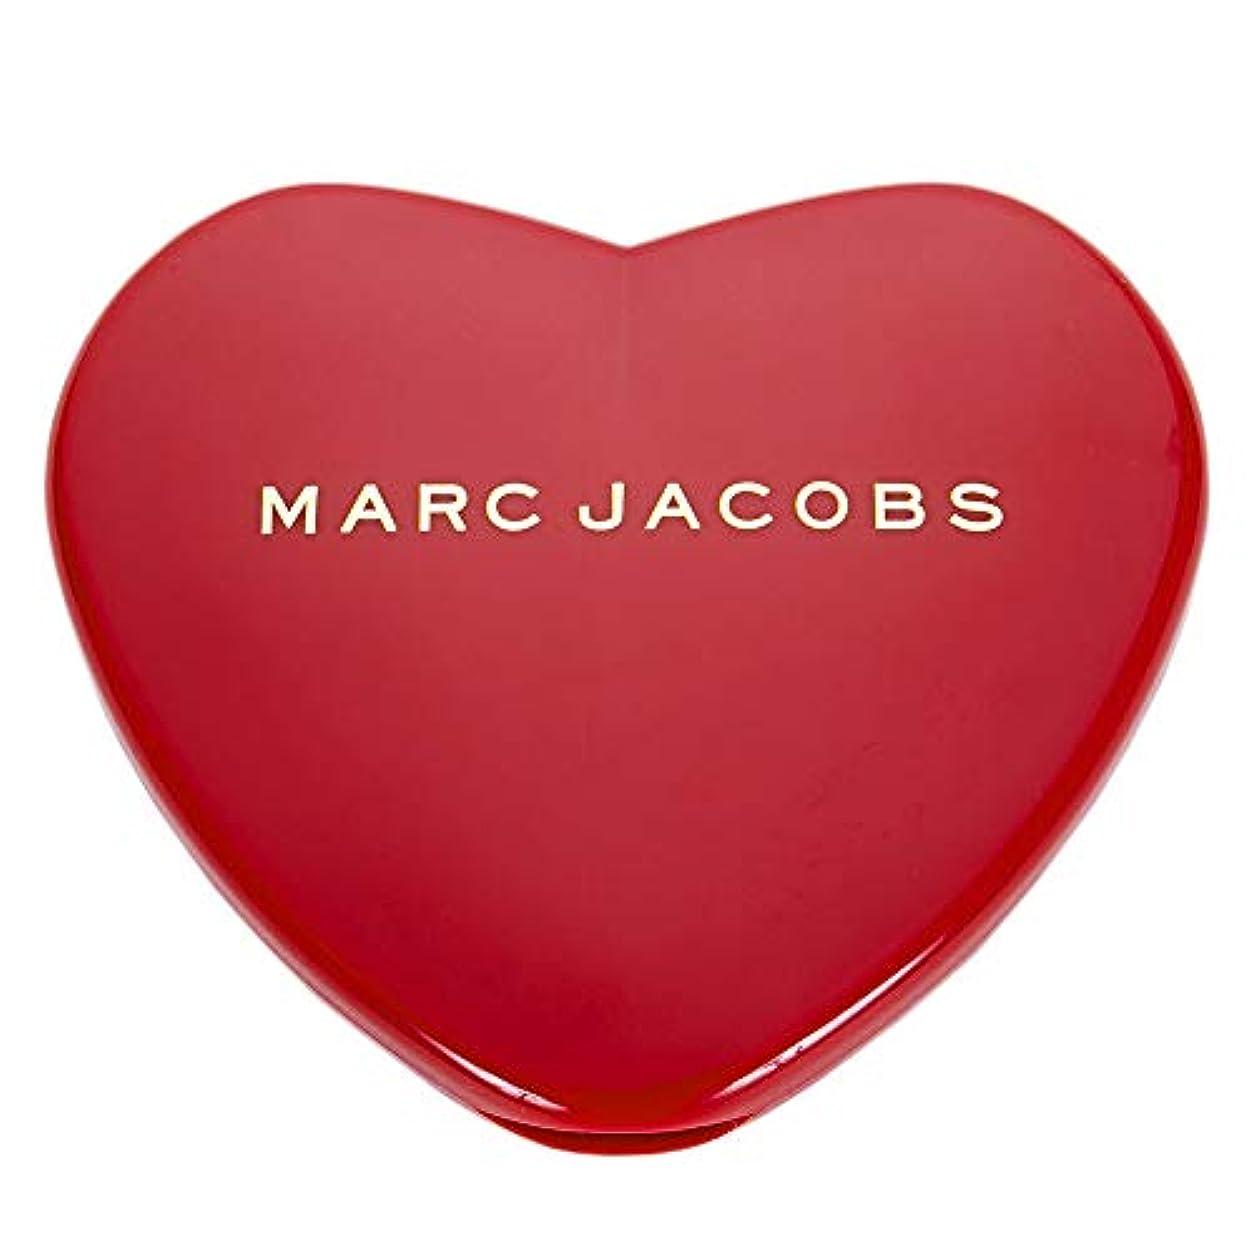 写真を描く無条件基礎理論[名入れ対応可] MARC JACOBS マークジェイコブス ハート コンパクトミラー コスメ 折りたたみ